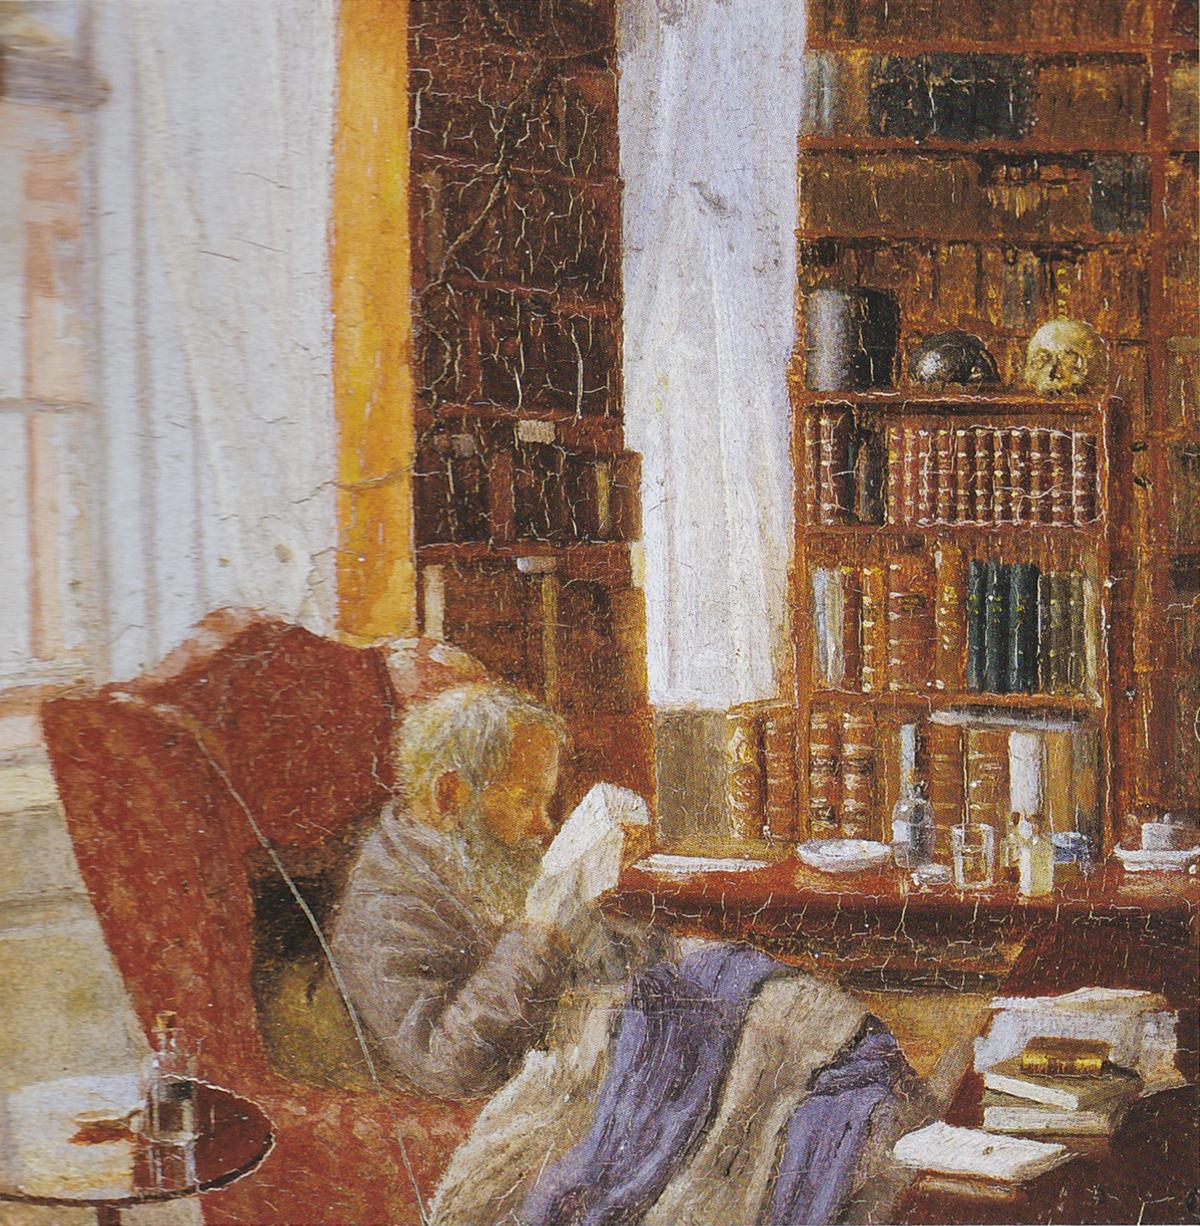 s Wikipedia Frie Værker Krøyer Den Encyklopædi Af P qT8c7Iw7E1